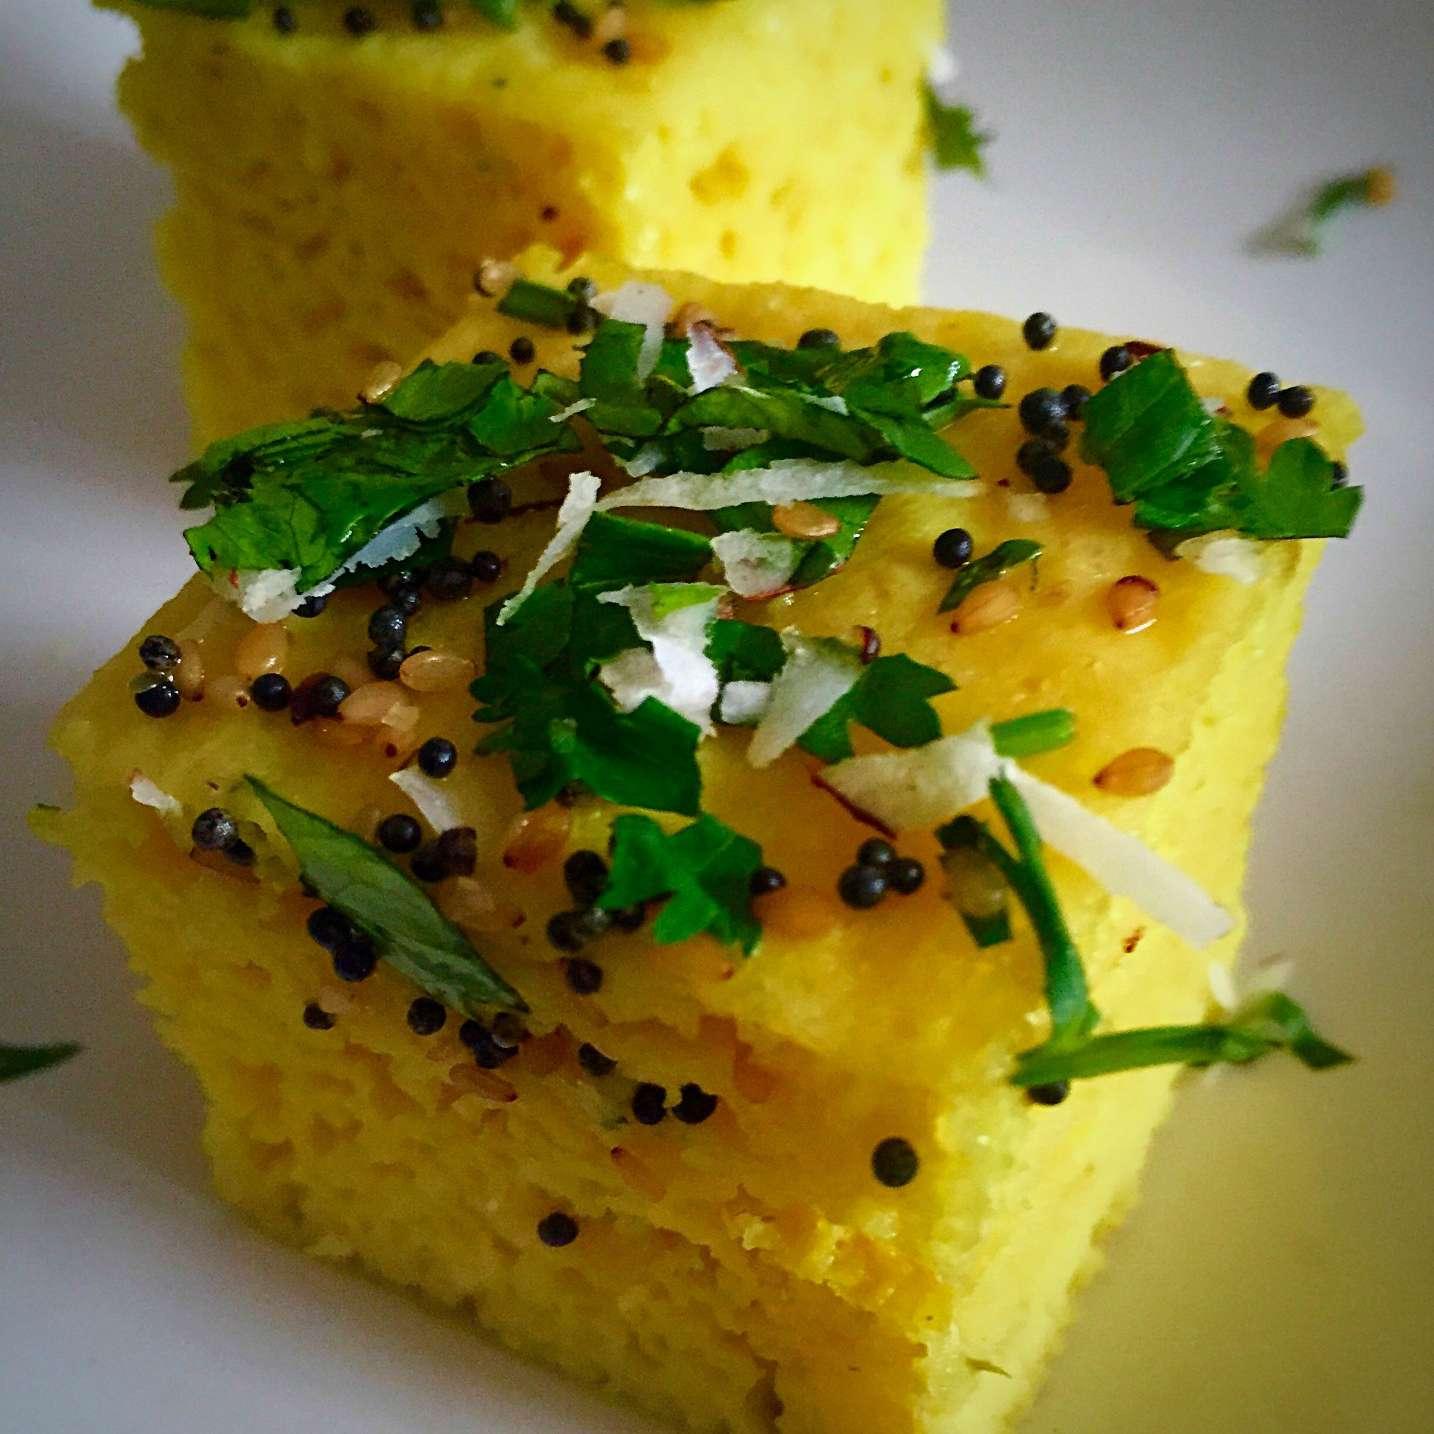 Dhokla - Gujarati Steamed Lentil Cake